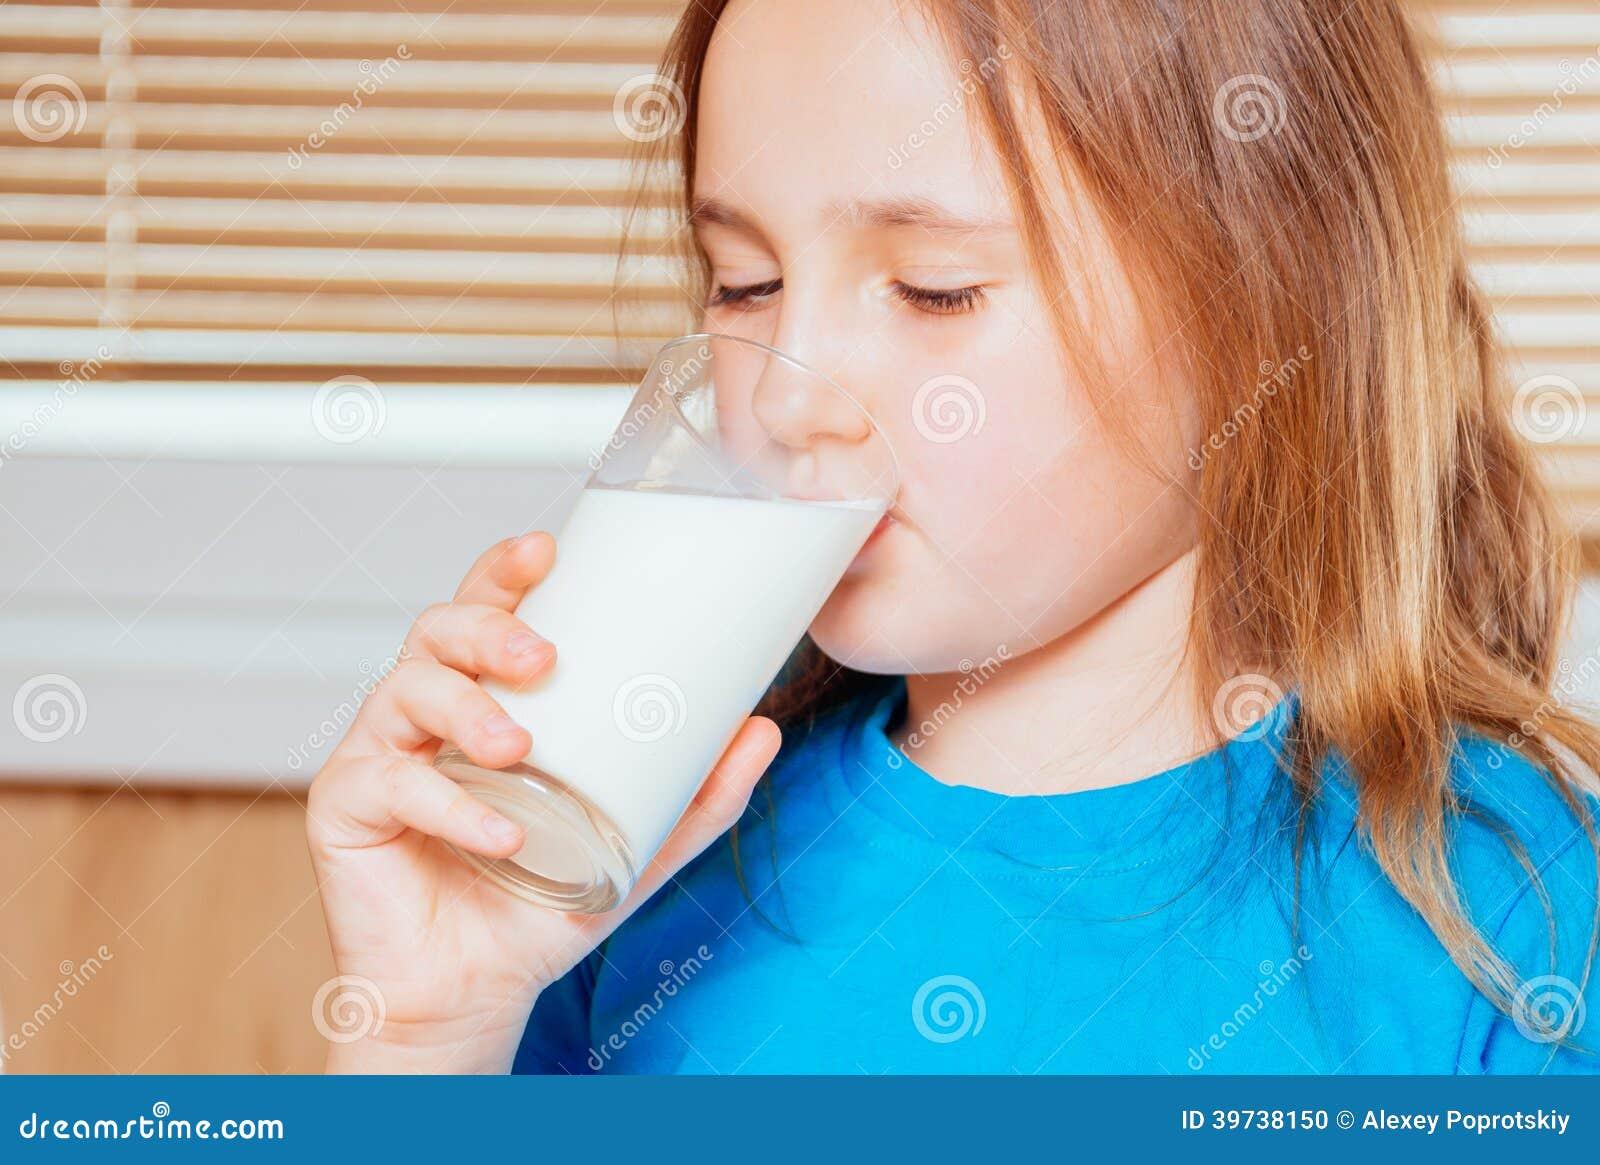 Фото девушка пьет молоко 25 фотография